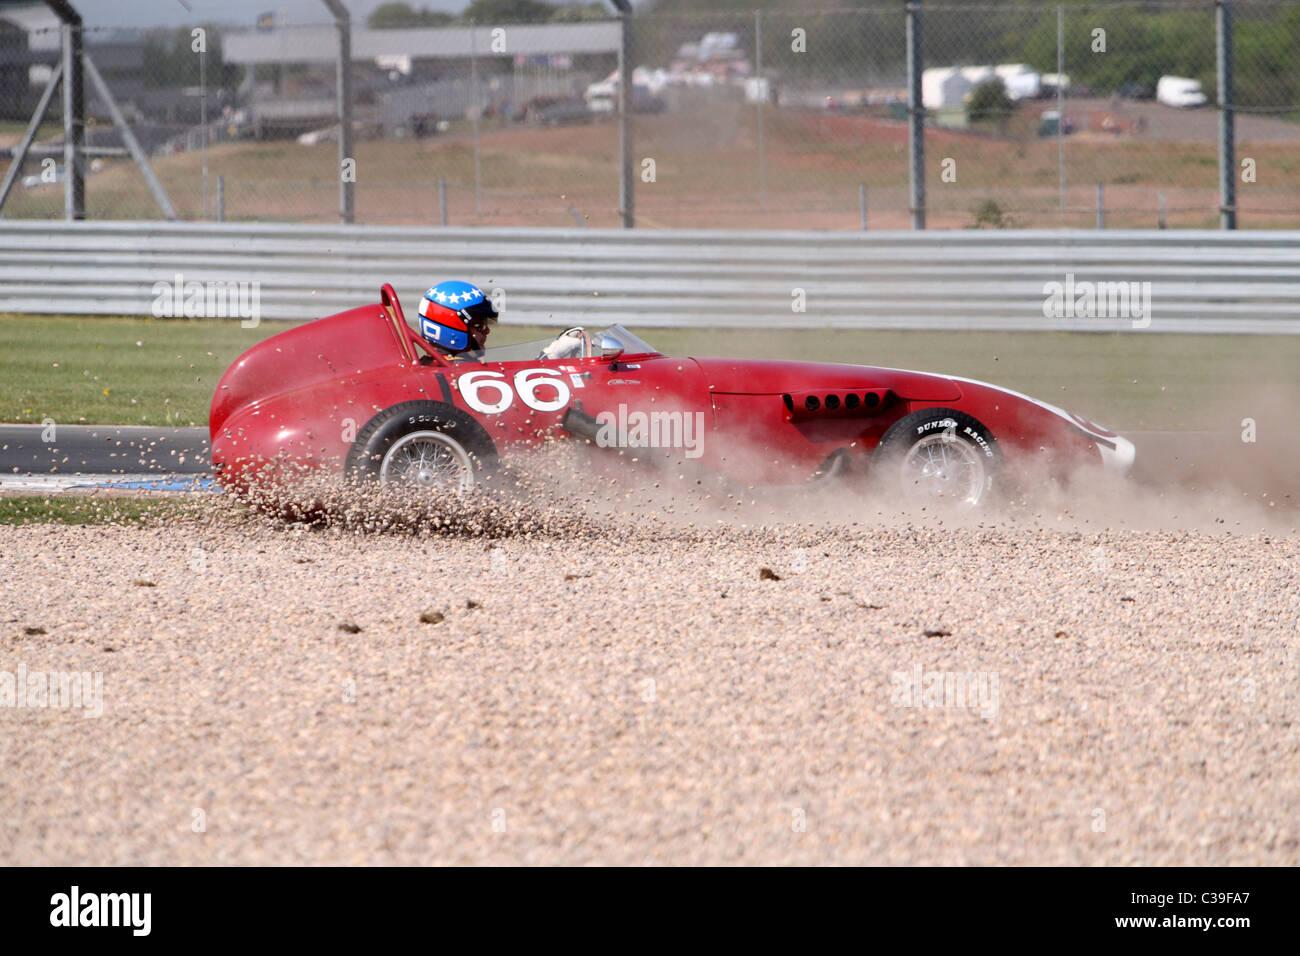 Red Taraschi formula junior no 66 spins off at Donington - Stock Image